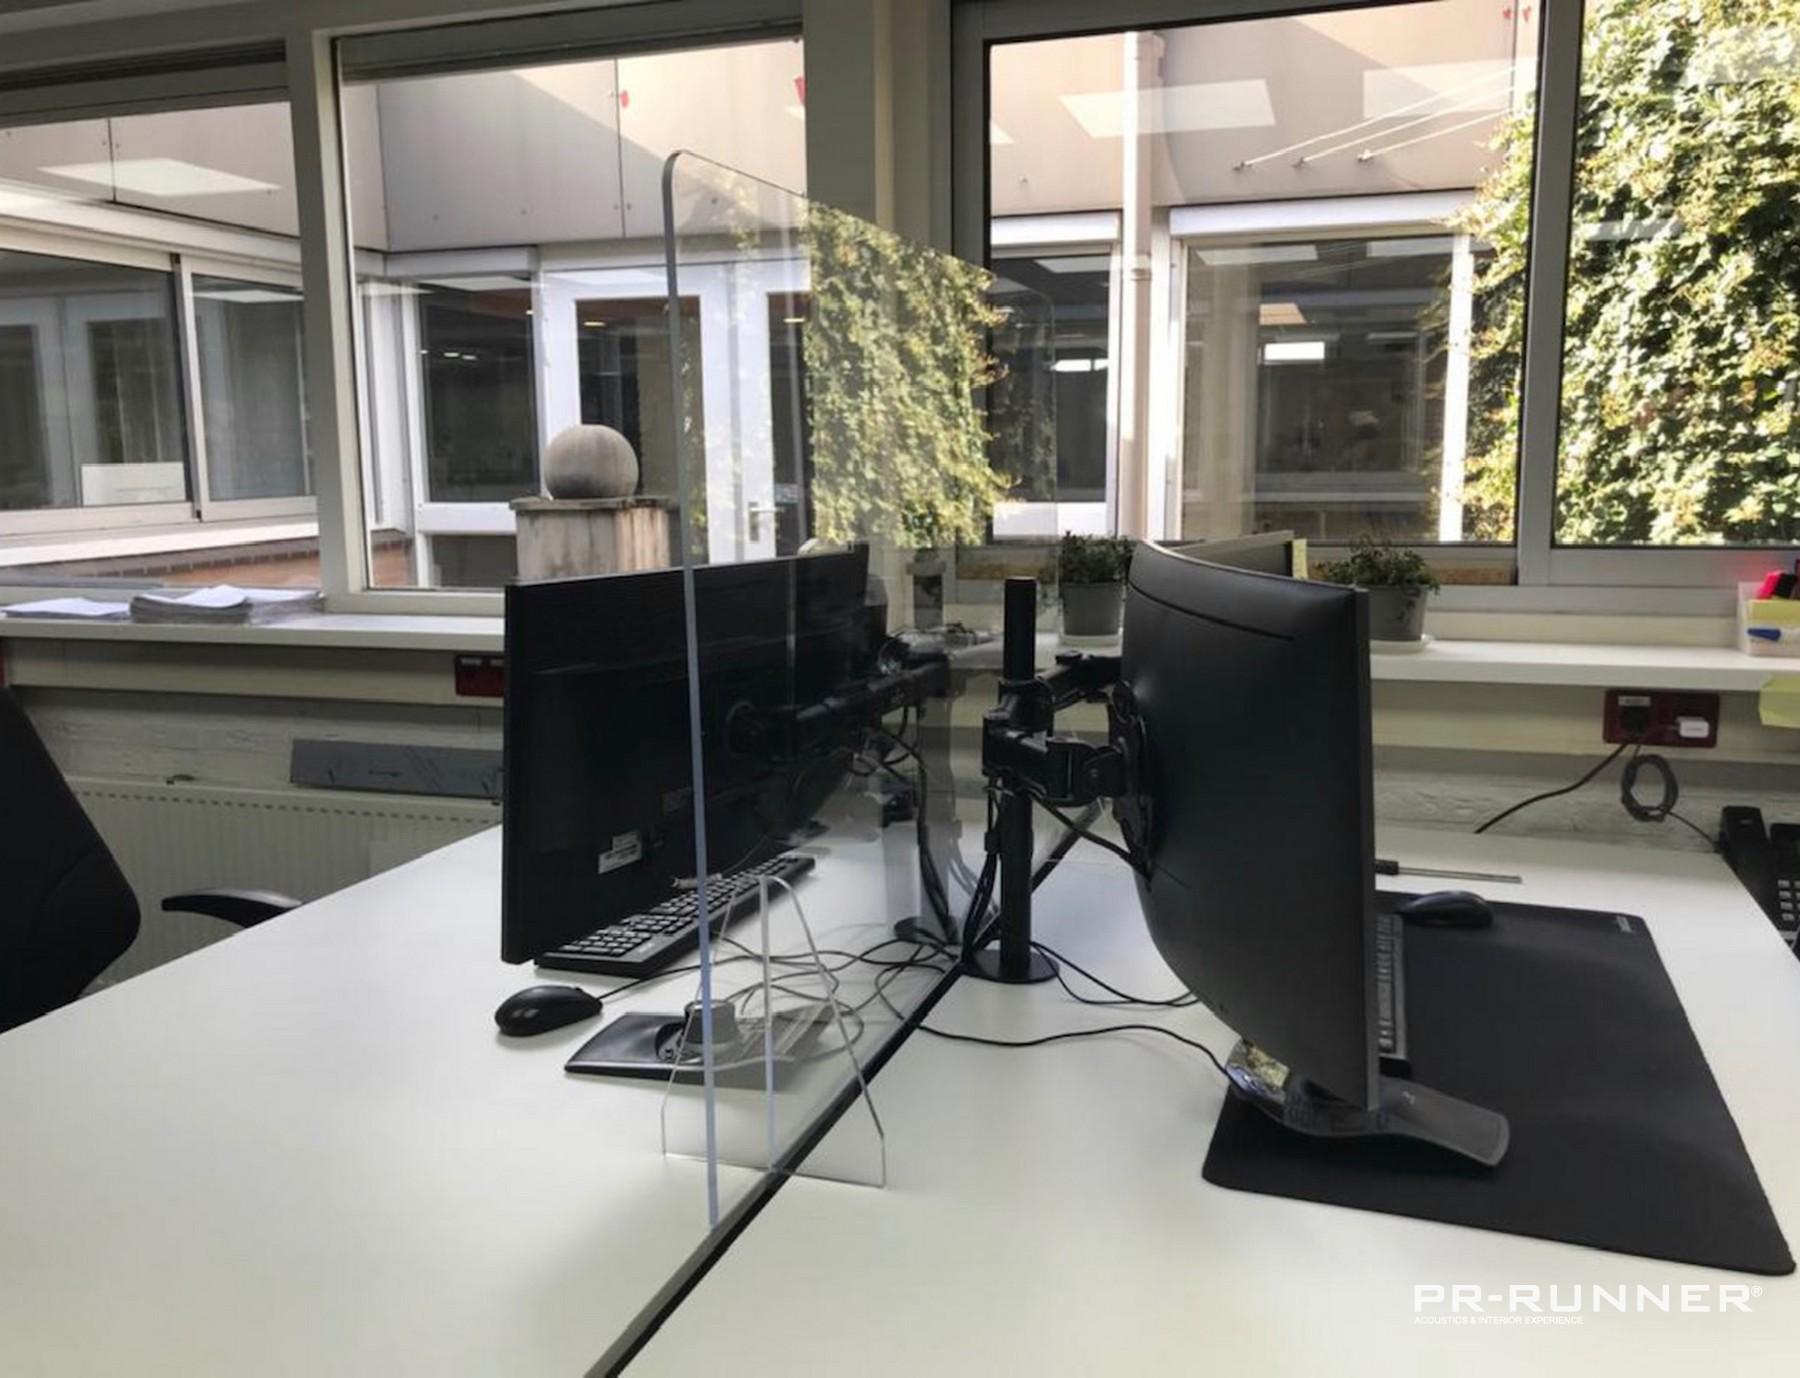 Flexibel verplaatsbaar plexiglas scherm PR-Runner (2)